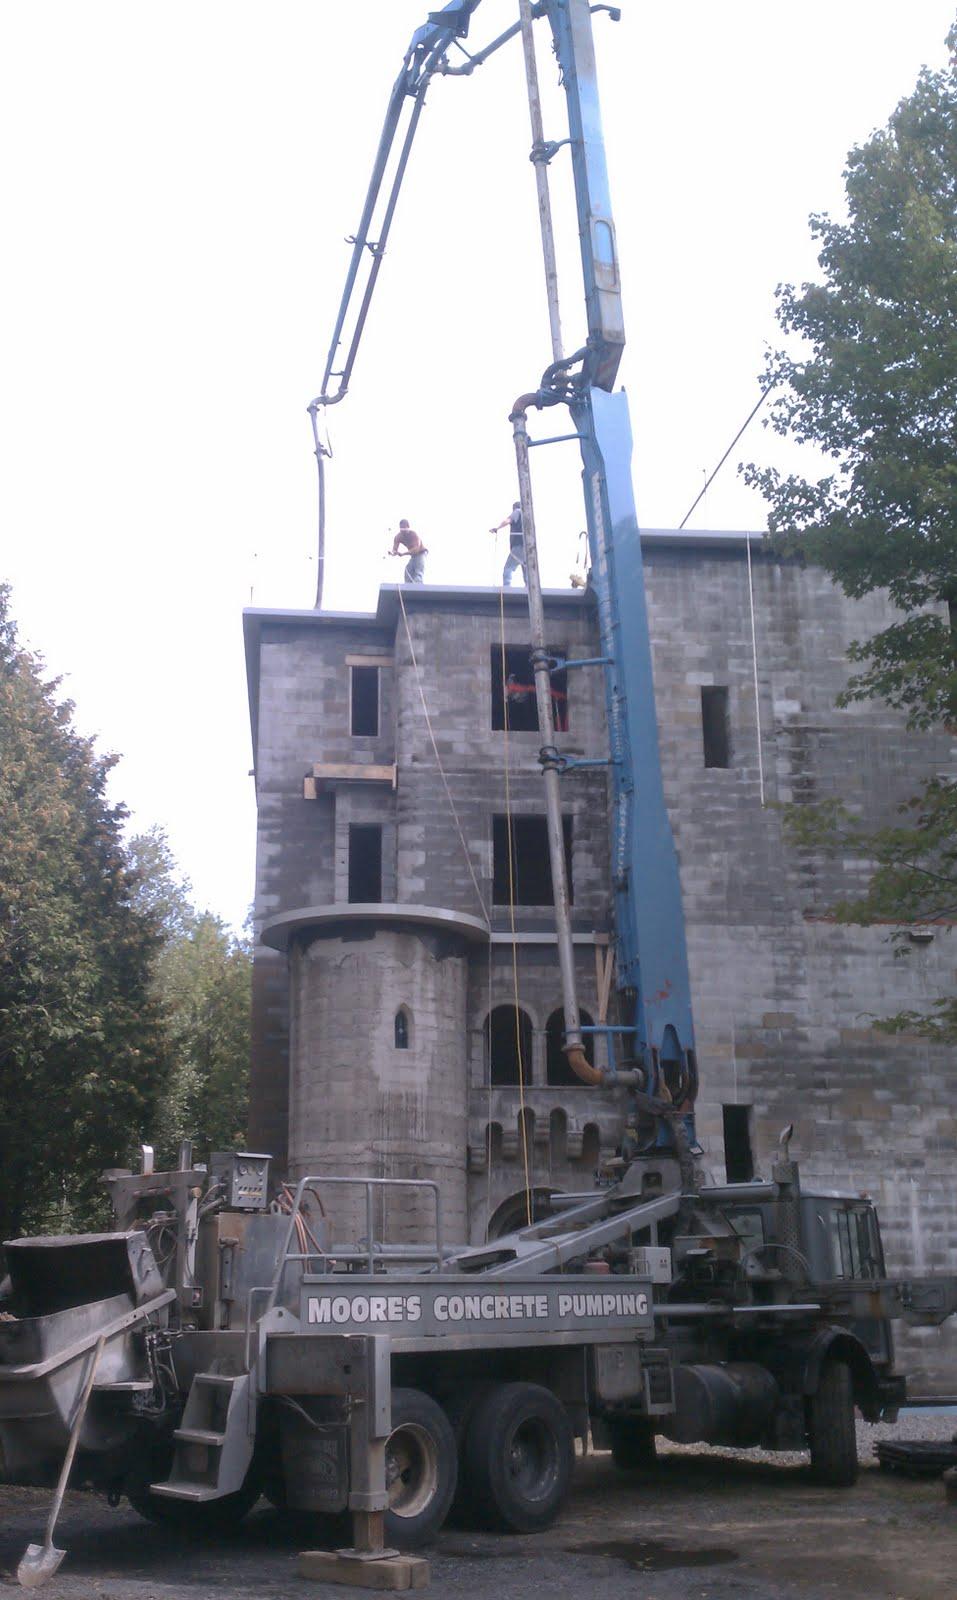 Building An Adirondack Castle Roof Top Concrete Pour